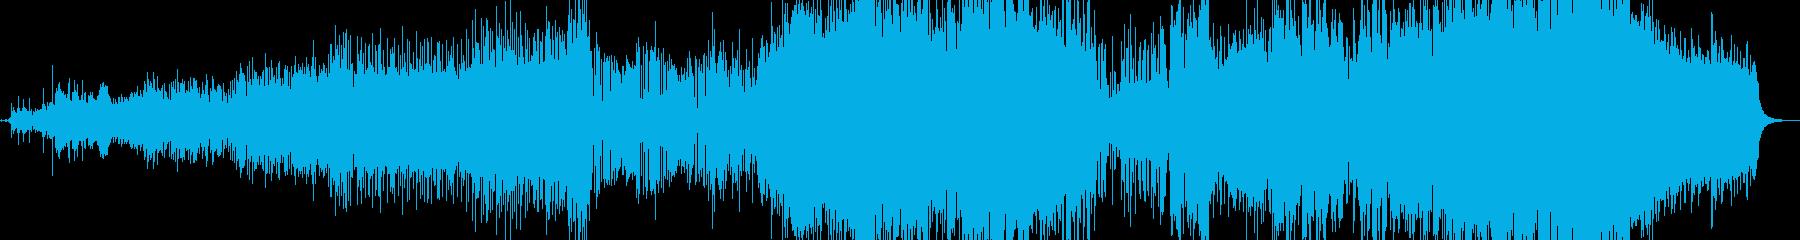 オリエンタル風ロック調のインストの再生済みの波形